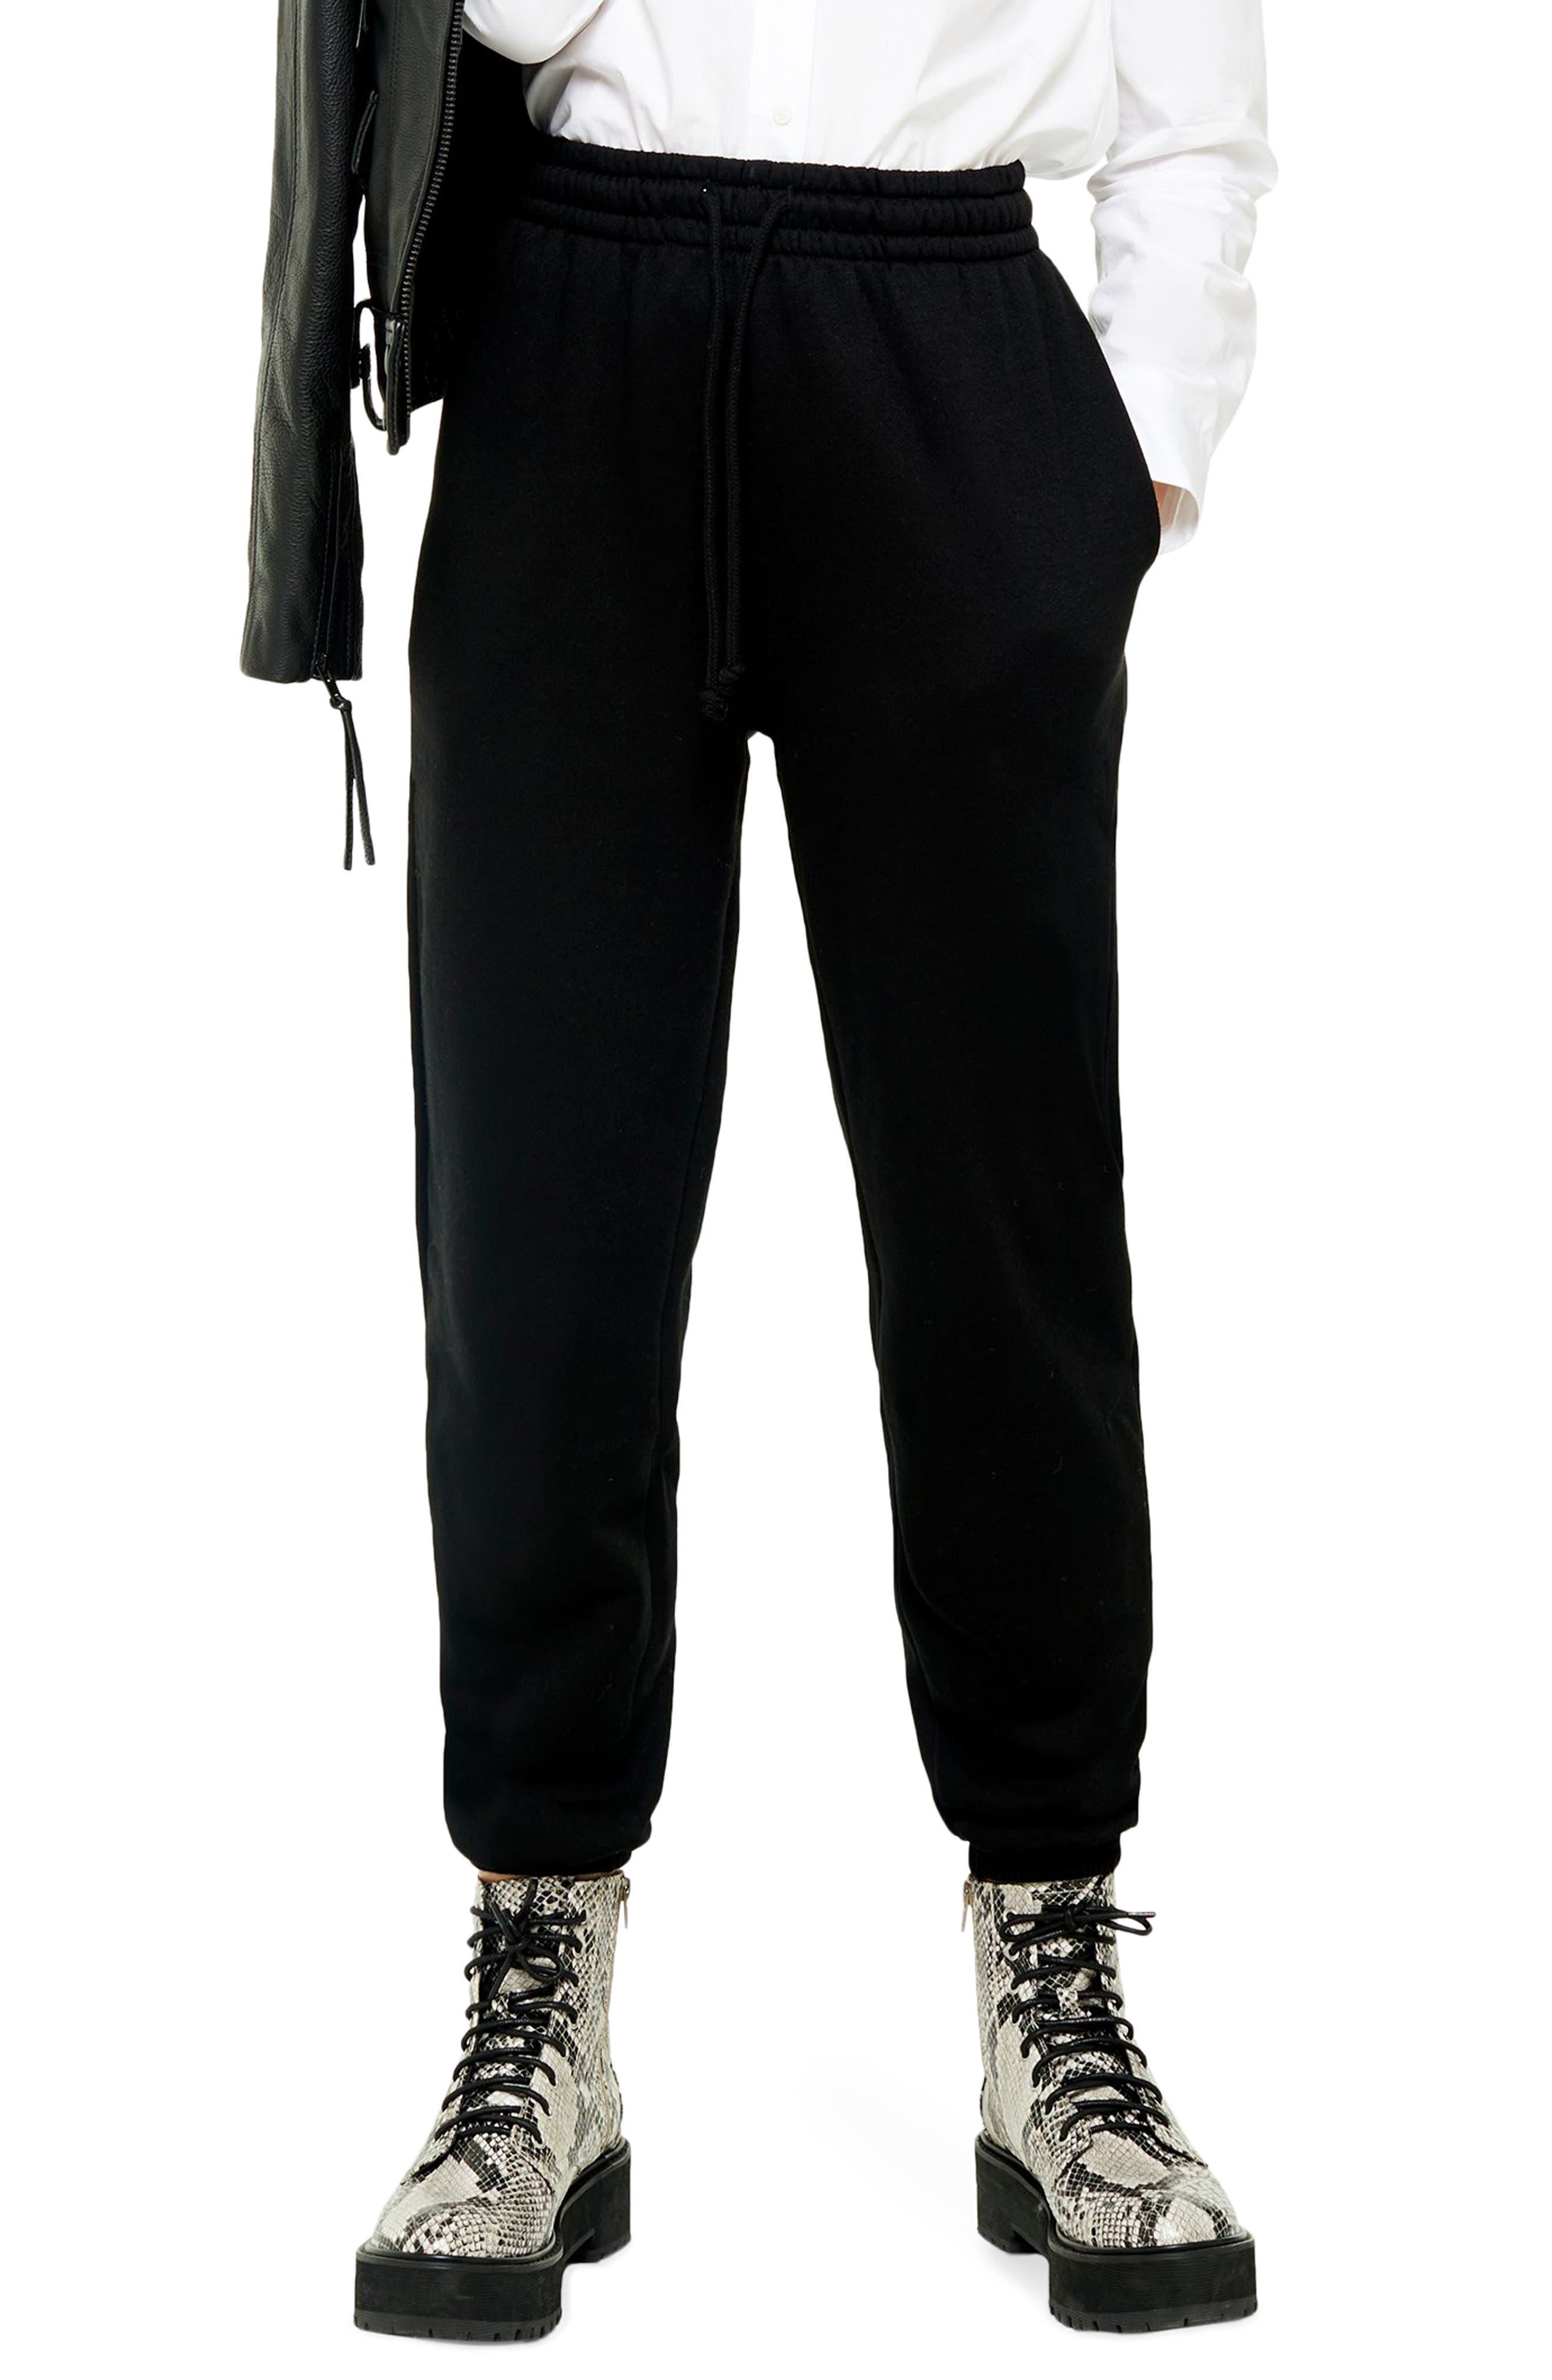 Women's Topshop High Waist Cotton Blend Sweatpants